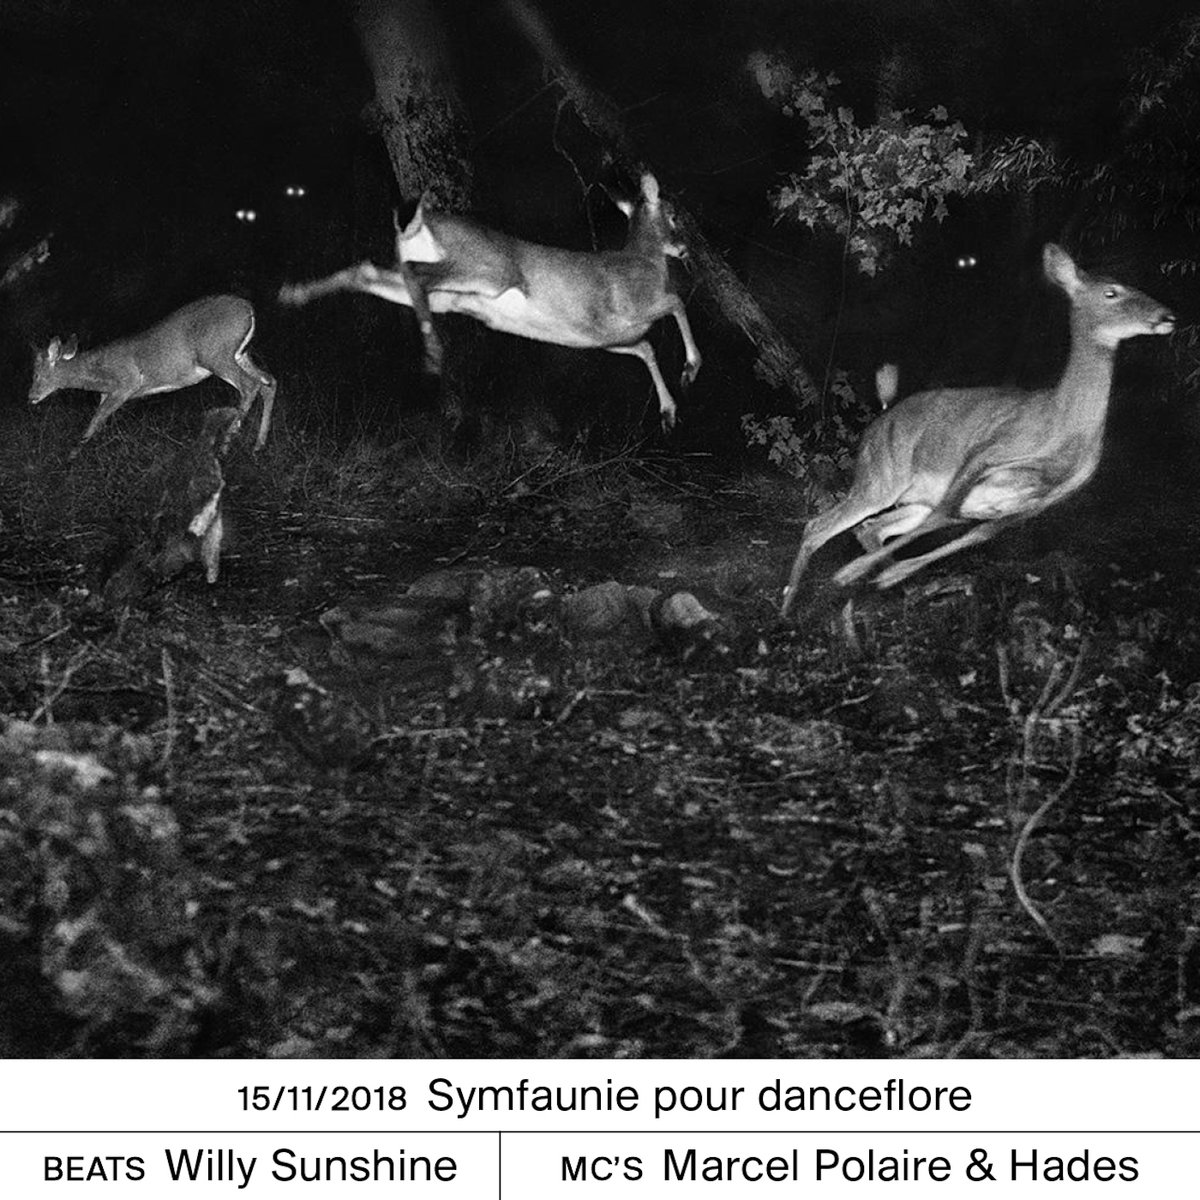 Symfaunie pour danceflore